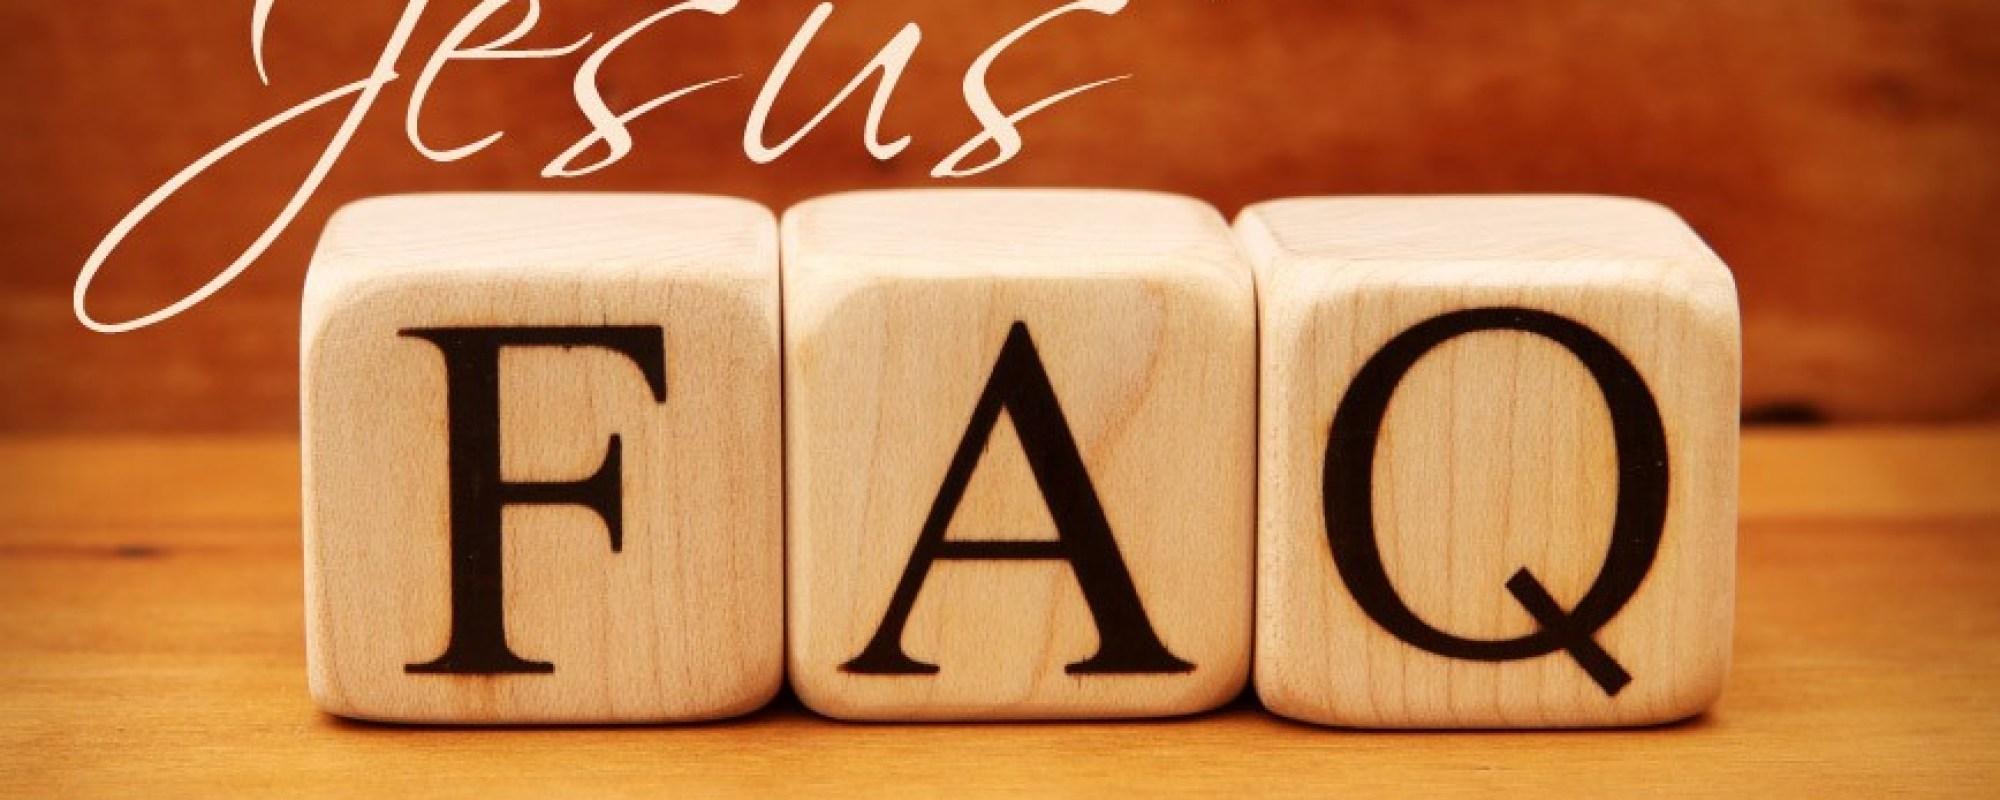 Jesus' FAQ